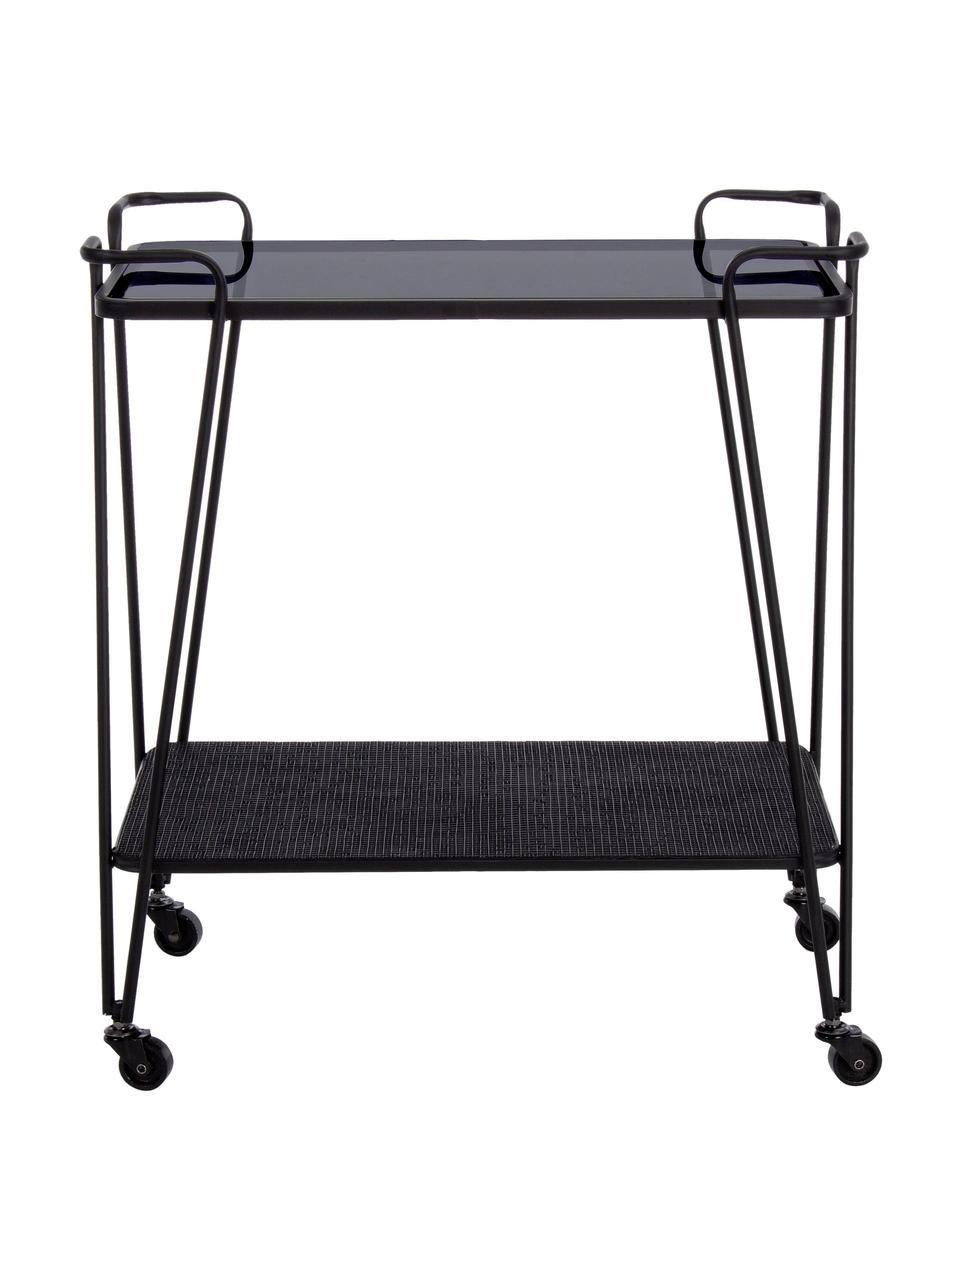 Wózek barowy modern Zaira, Czarny, S 60 x W 68 cm